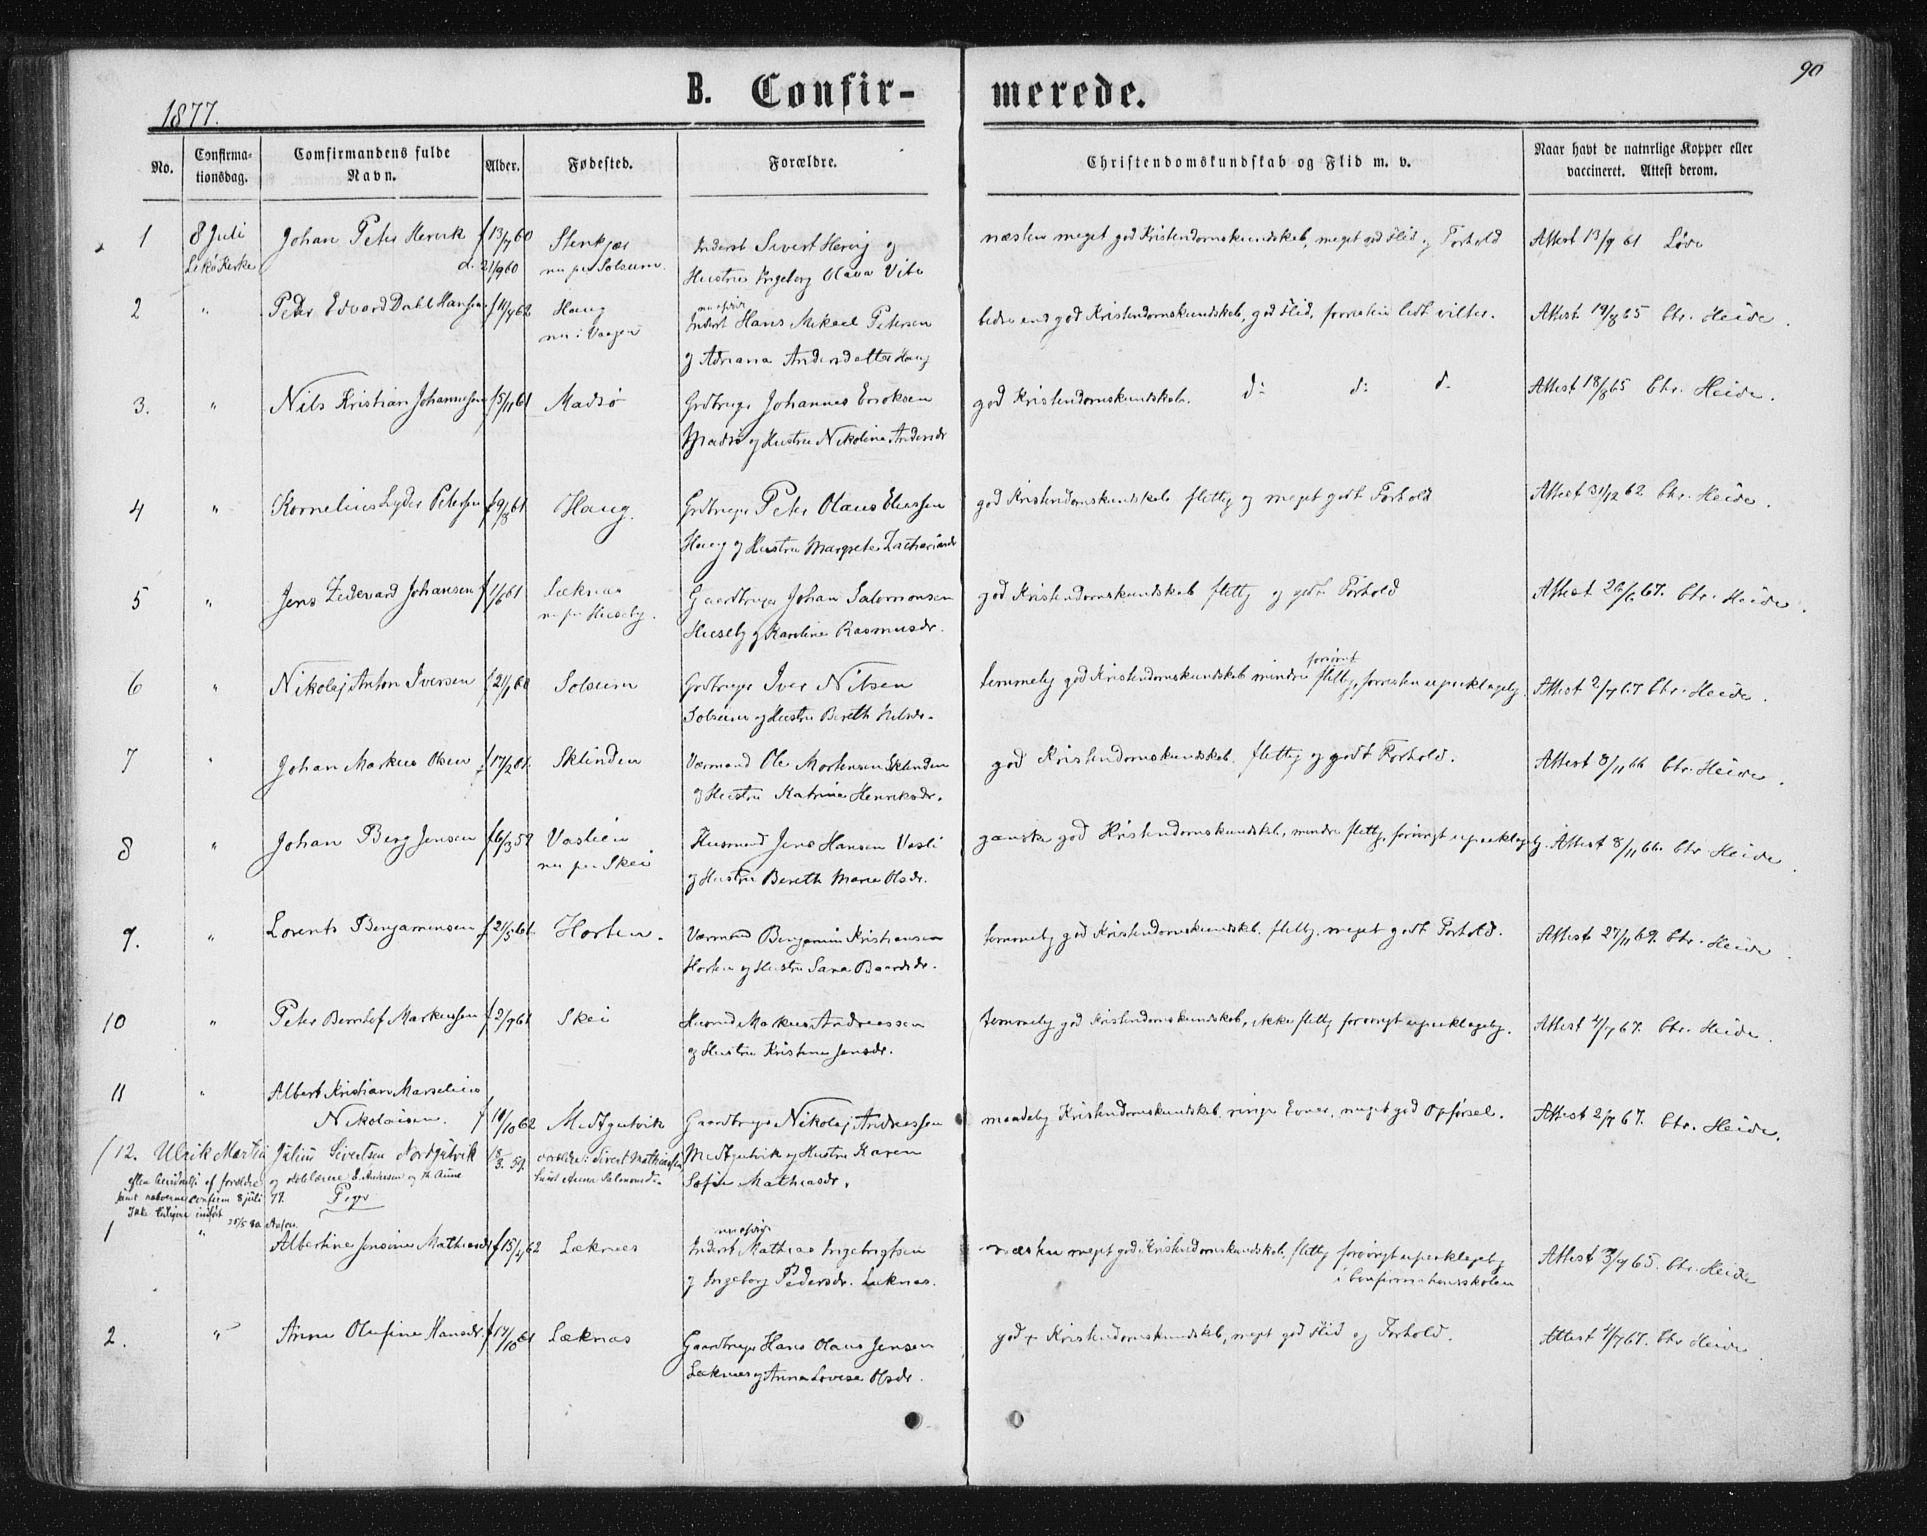 SAT, Ministerialprotokoller, klokkerbøker og fødselsregistre - Nord-Trøndelag, 788/L0696: Ministerialbok nr. 788A03, 1863-1877, s. 90